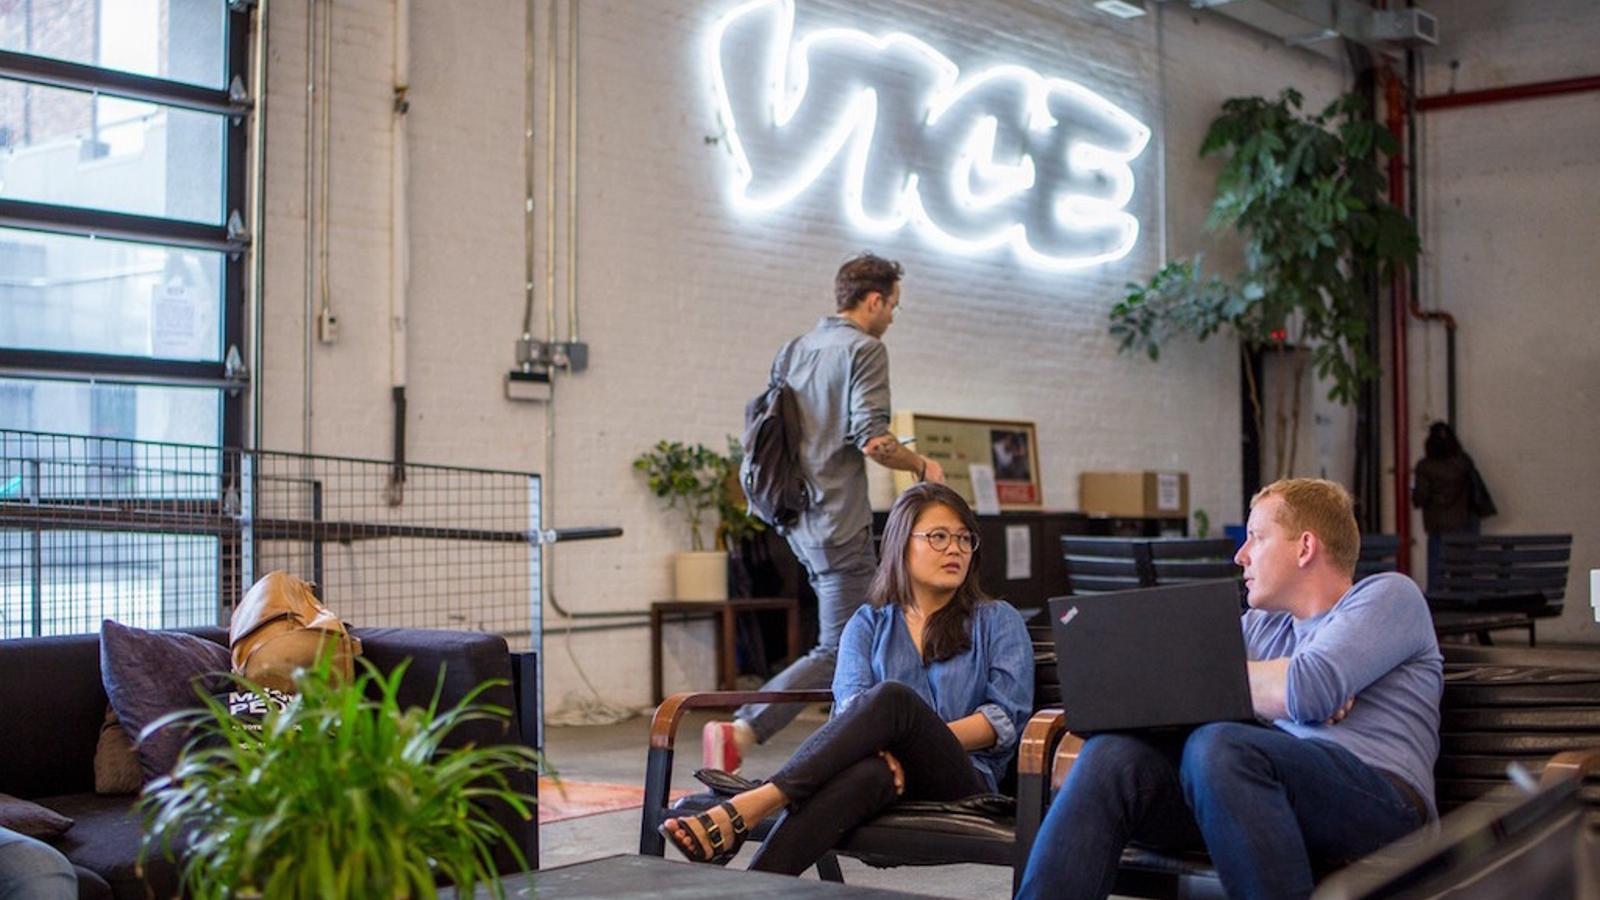 Vice, la companyia de mitjans per a joves que opera en més de 30 països